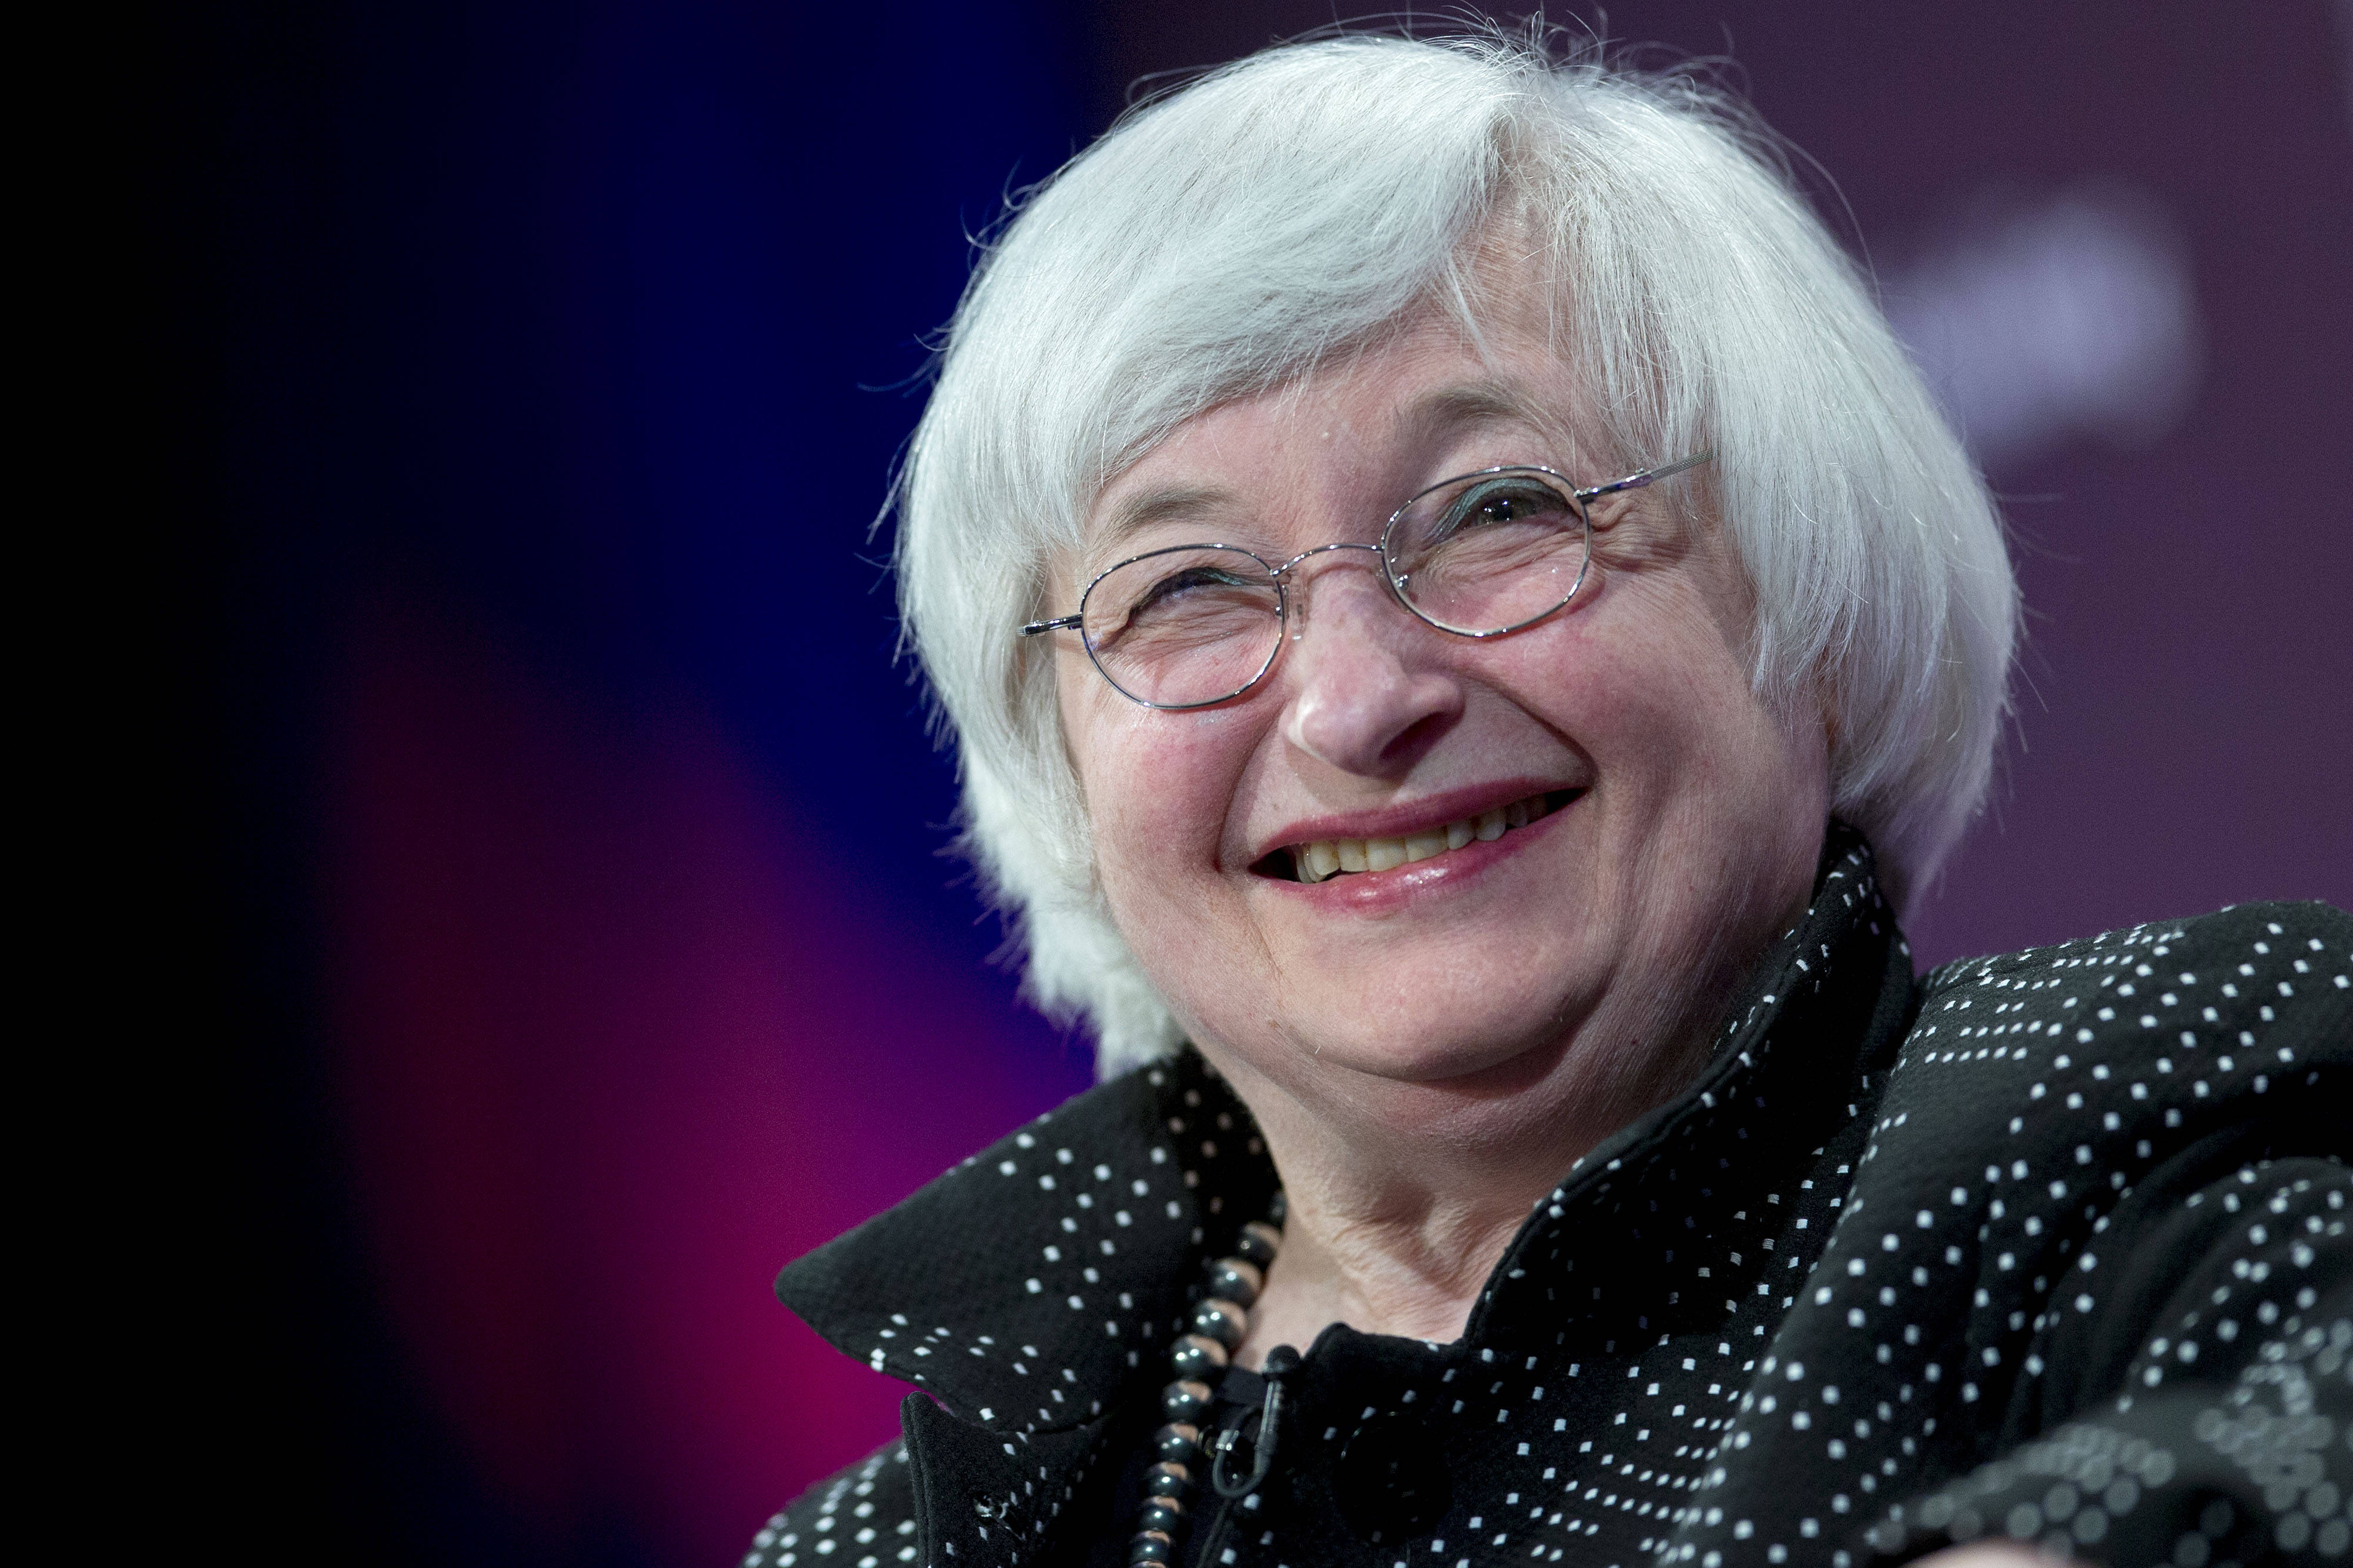 美财长耶伦安抚市场:债券收益率上扬并非通胀失控,而是经济复苏超预期